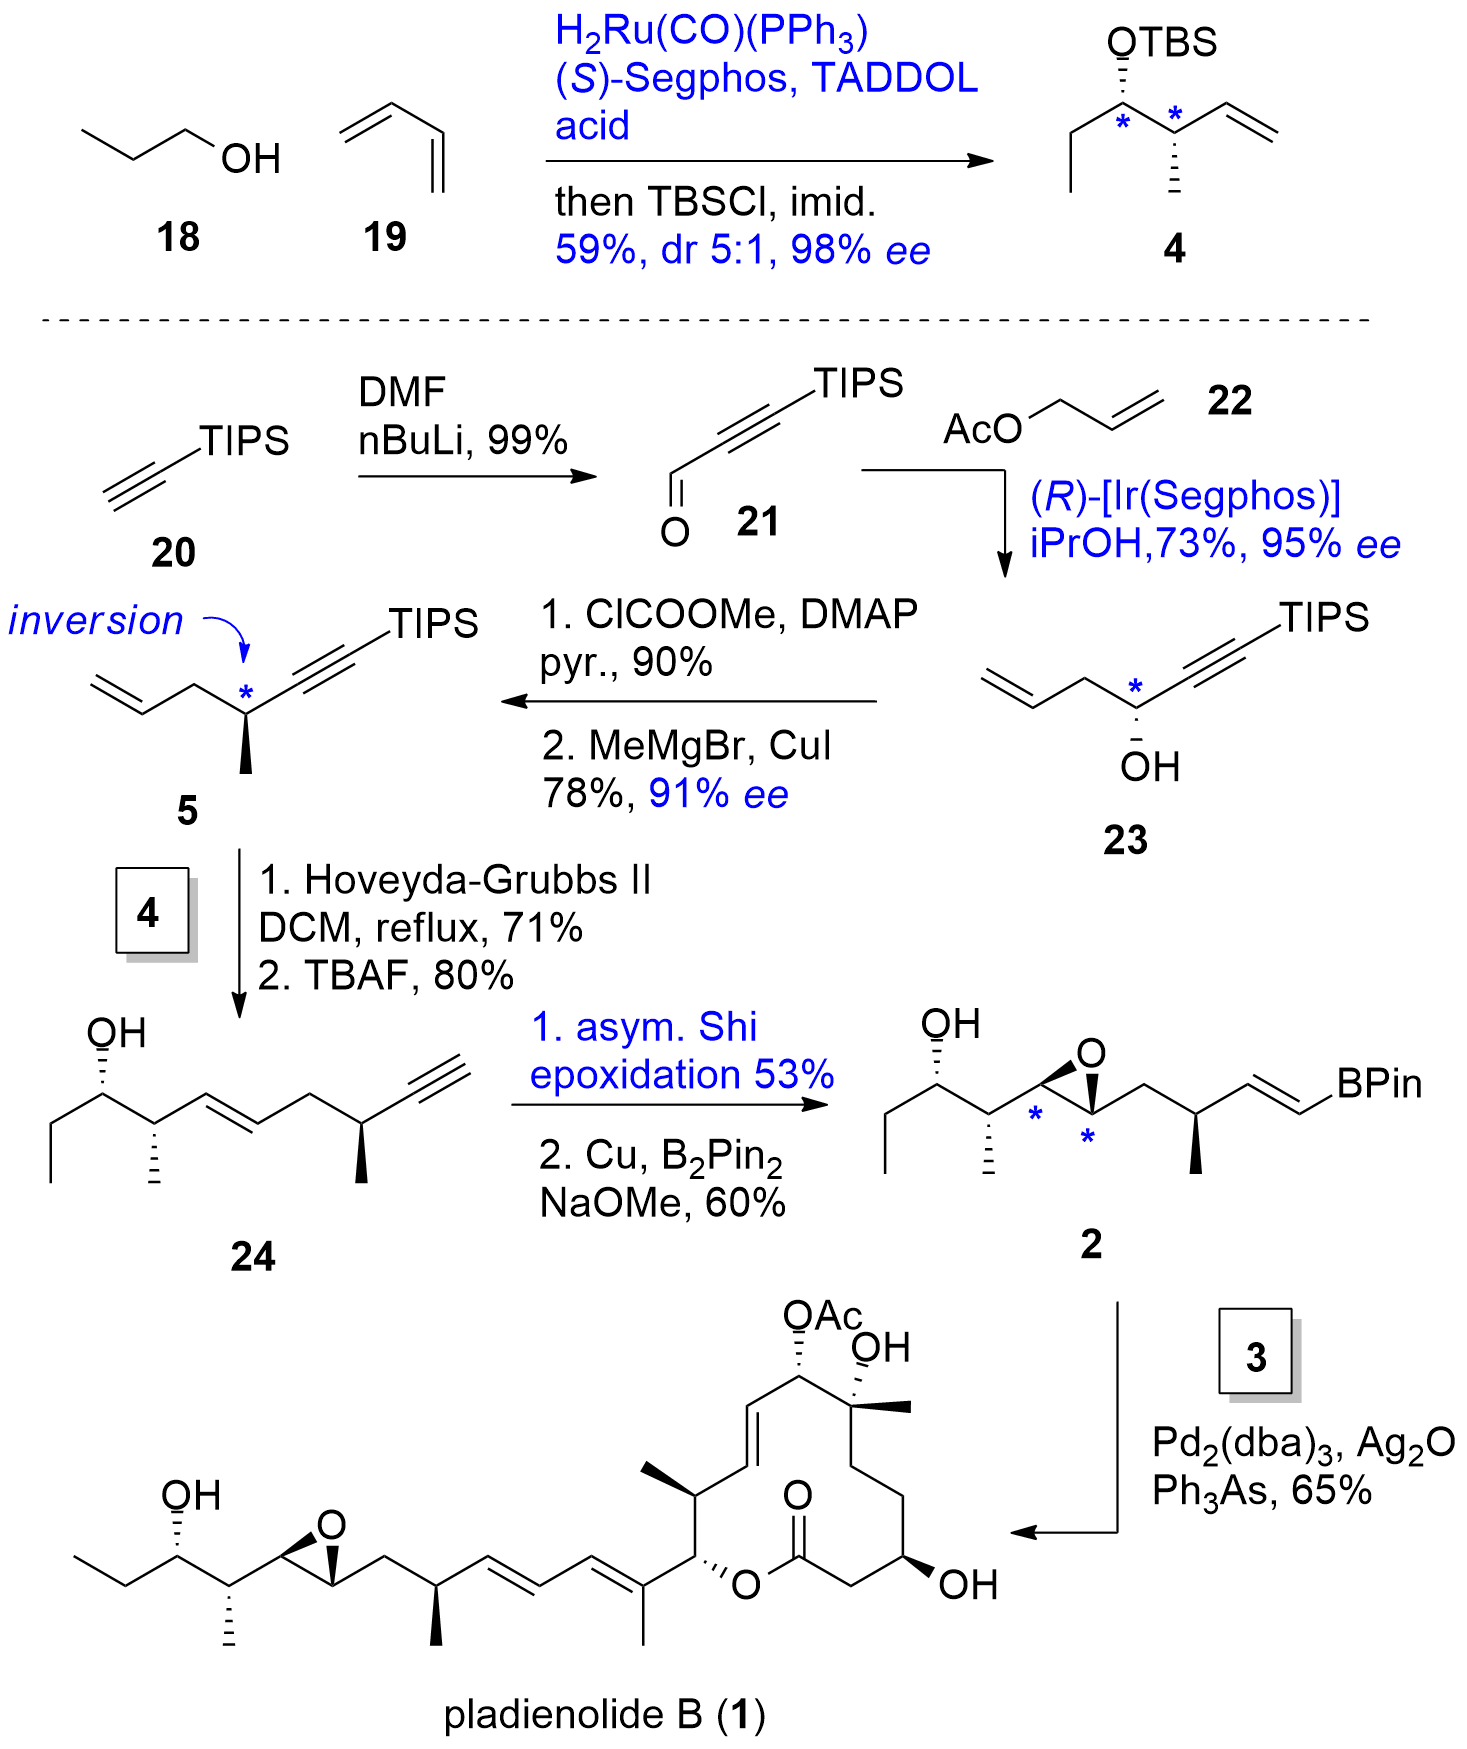 pladienolide-4.png